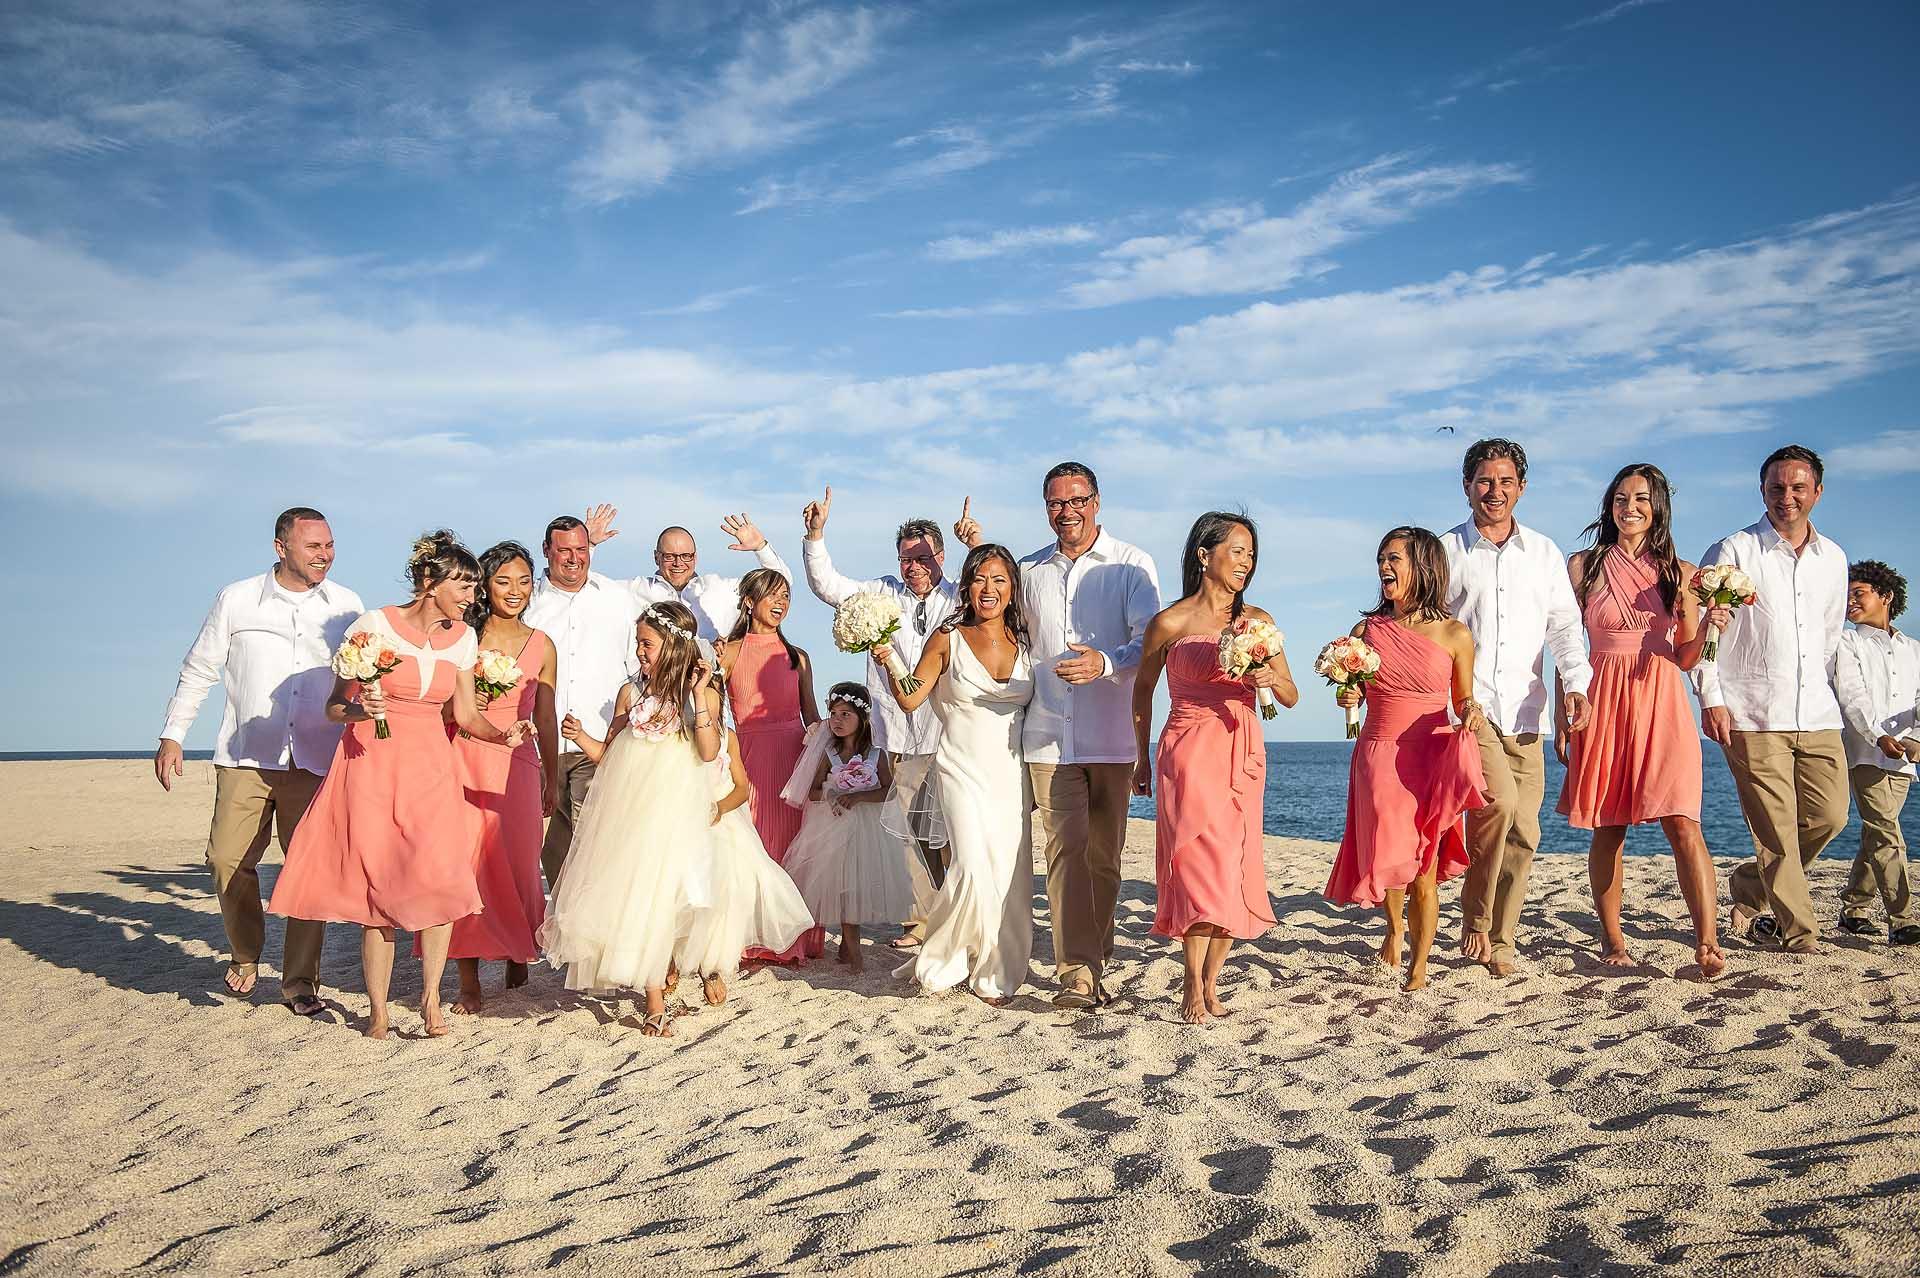 destination-wedding-Mexico Beach Wedding Cabo San Lucas_010 copy